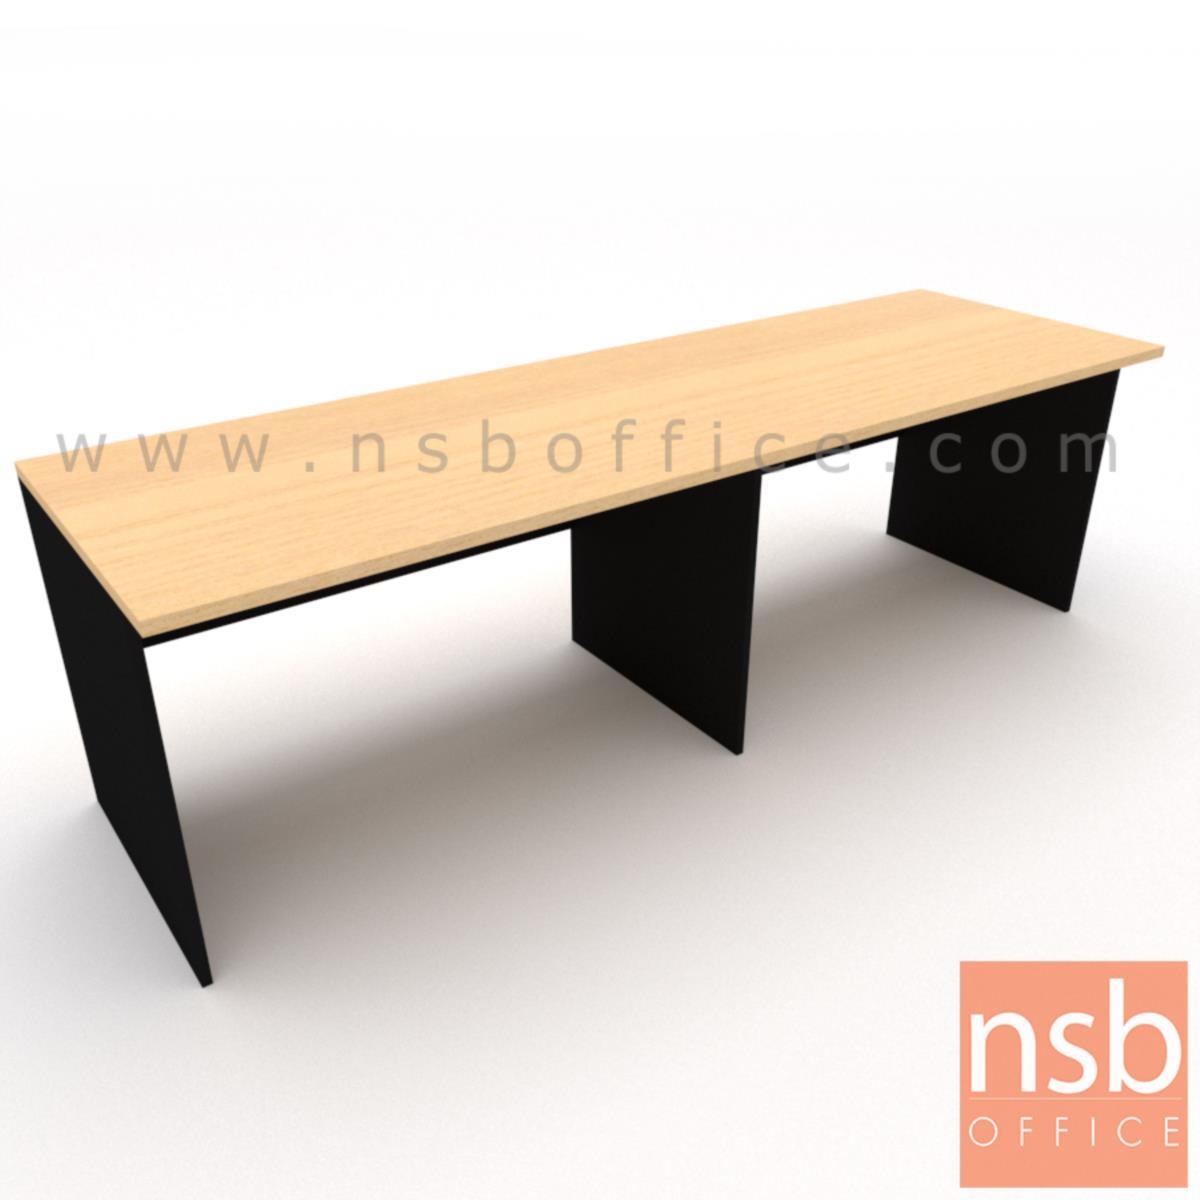 A05A144:โต๊ะประชุมหน้าตรง 3 ที่นั่ง  ขนาด 240W*60D cm.  Top ยื่น 10 ซม. เมลามีน